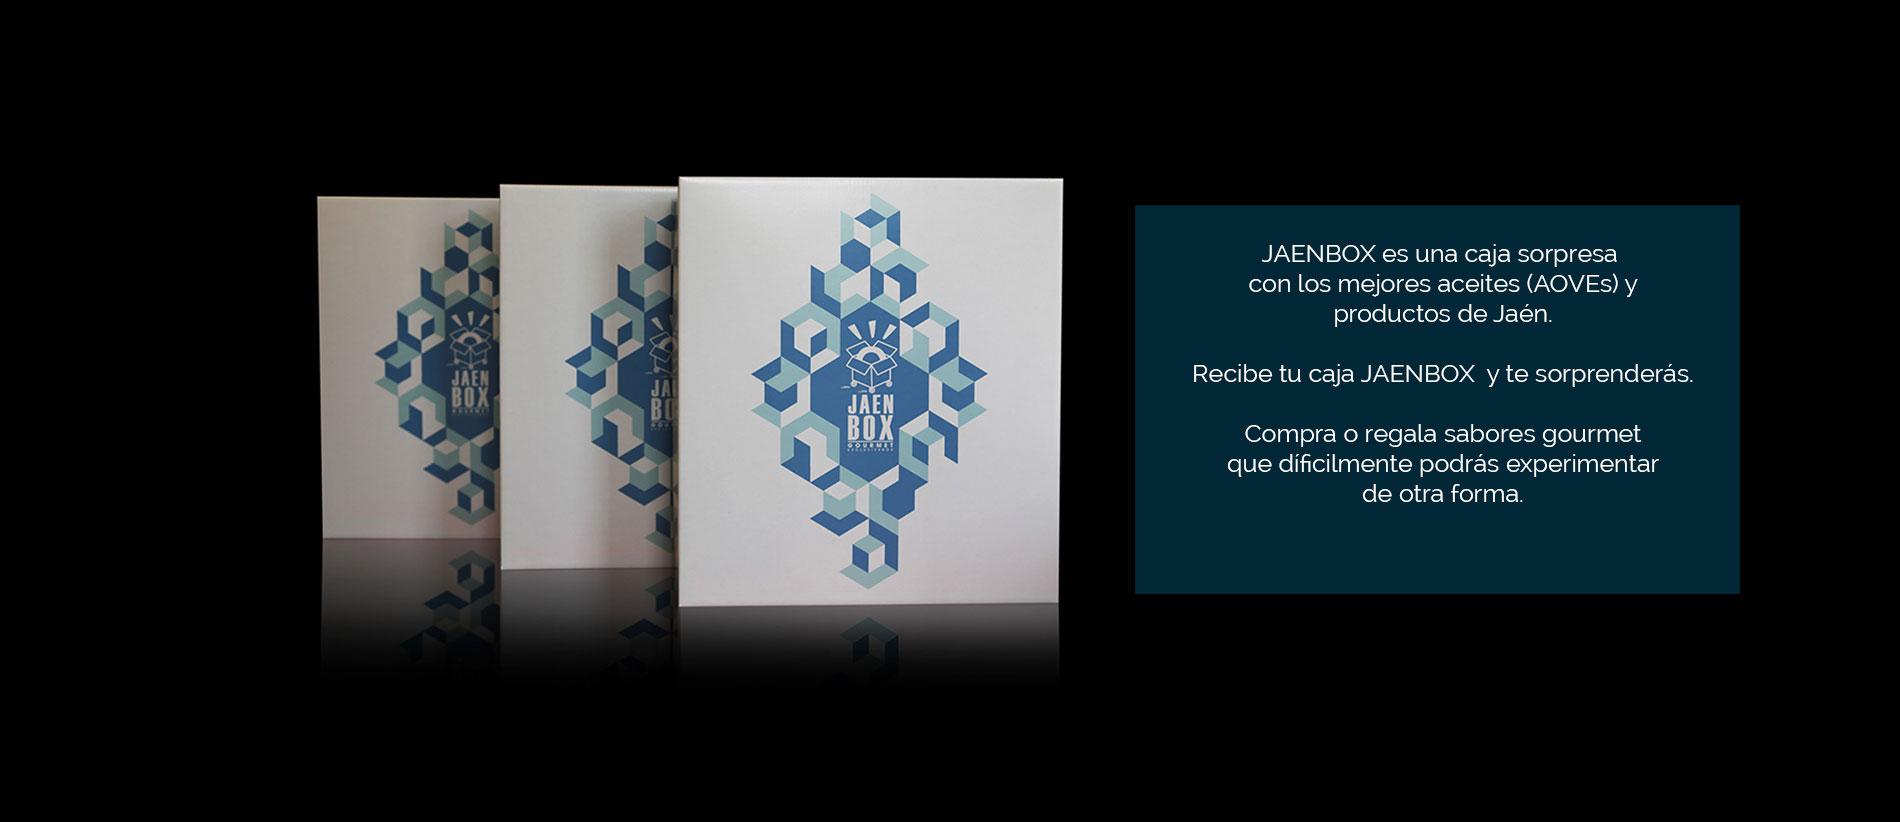 jaenbox-caja-presentacion-slider-19003